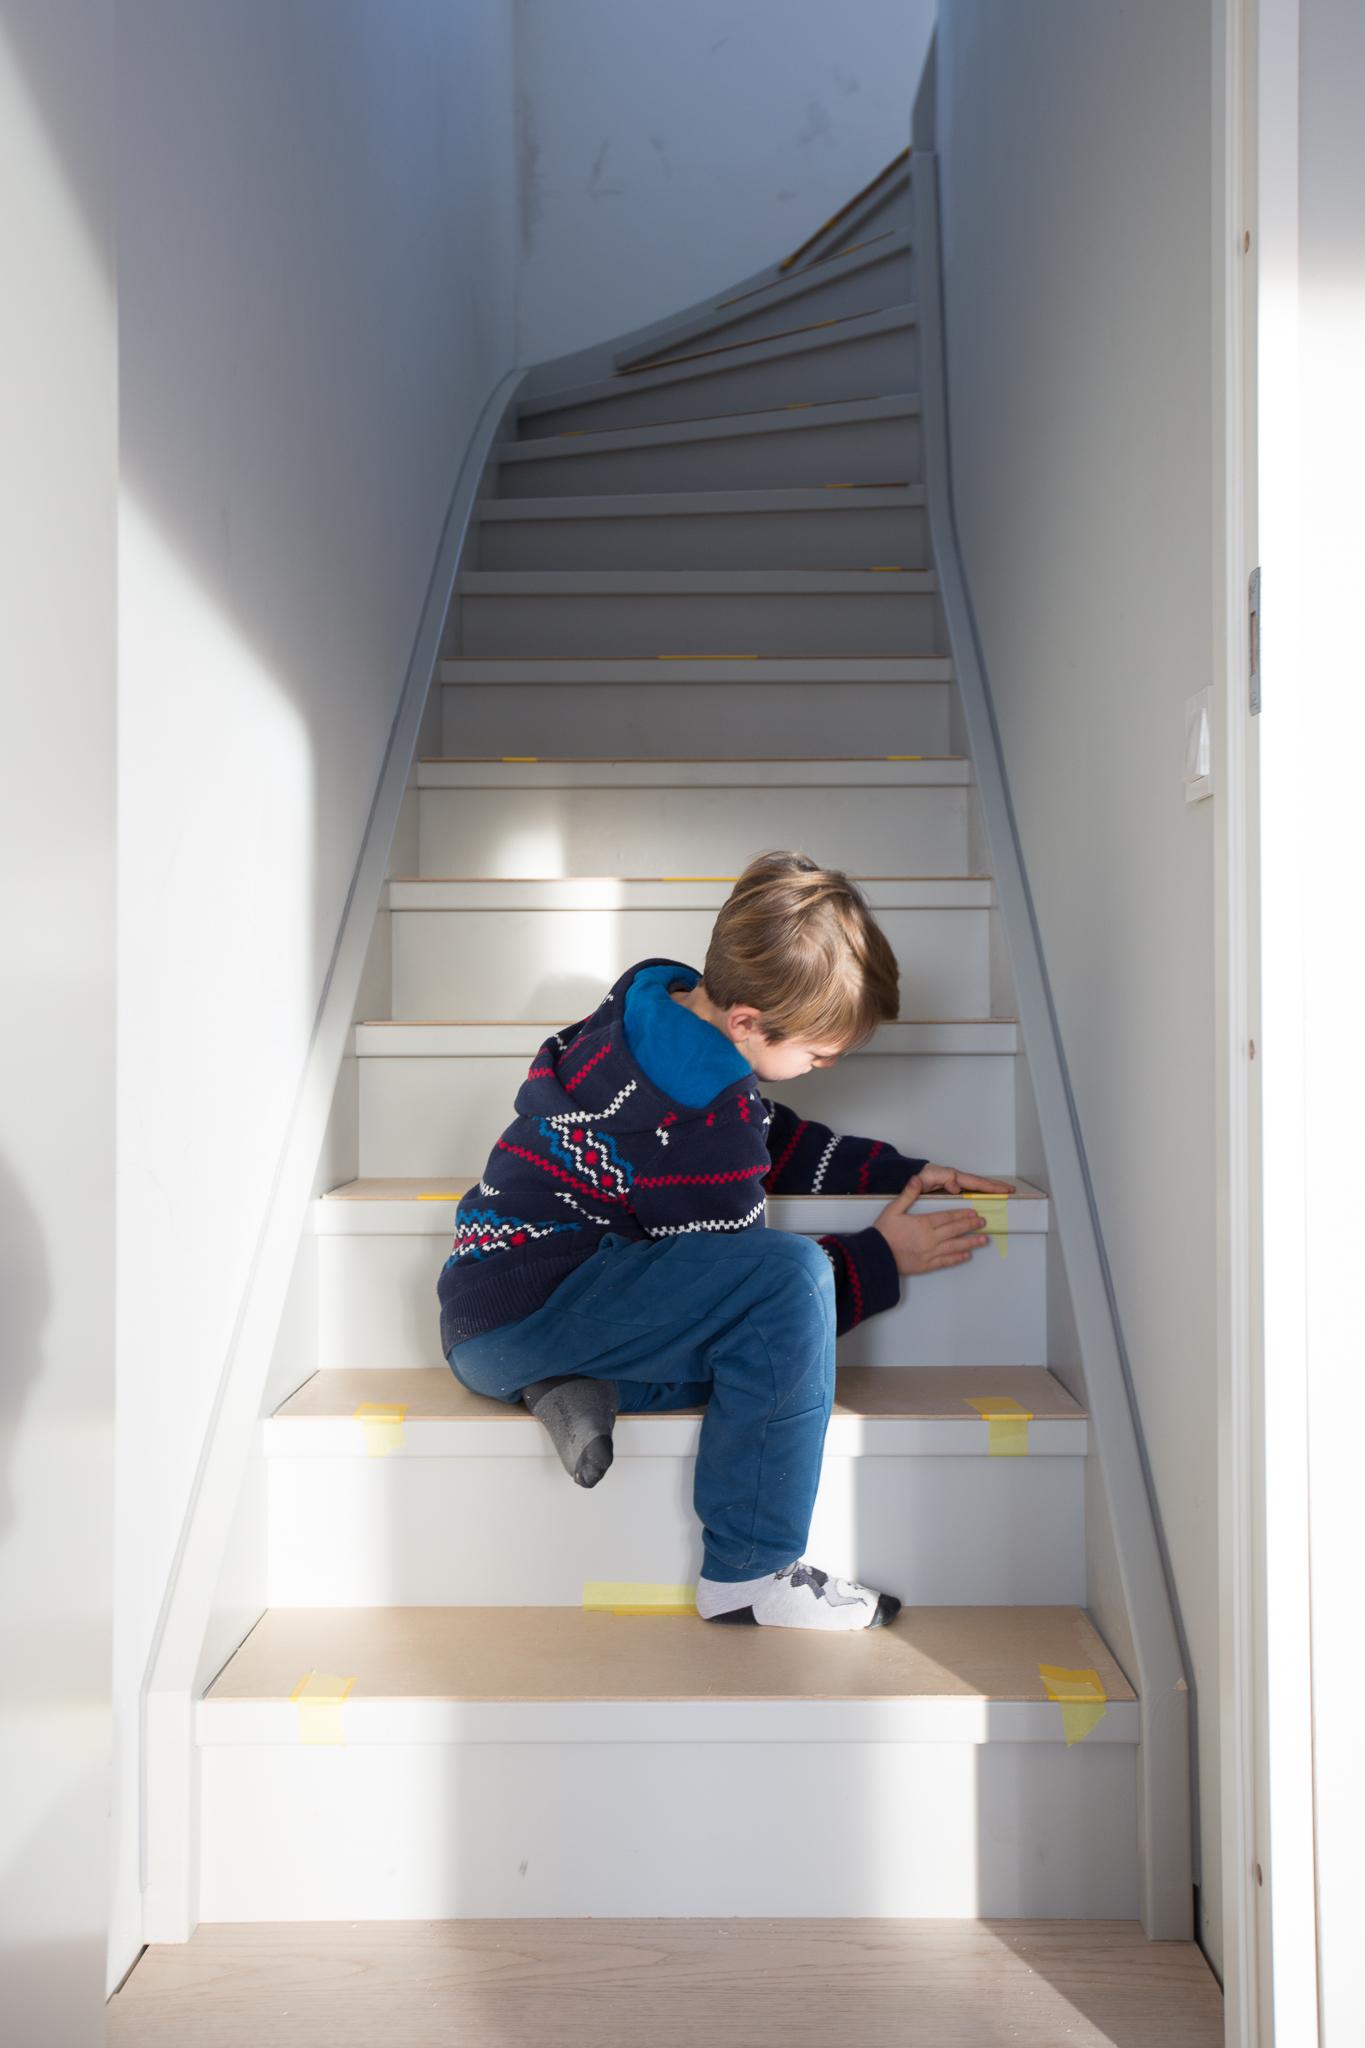 Sam hjälper till att skydda trappan inför entreprenörernas fortsatta arbete. Först masonitskivor, sen mjölkpapp.